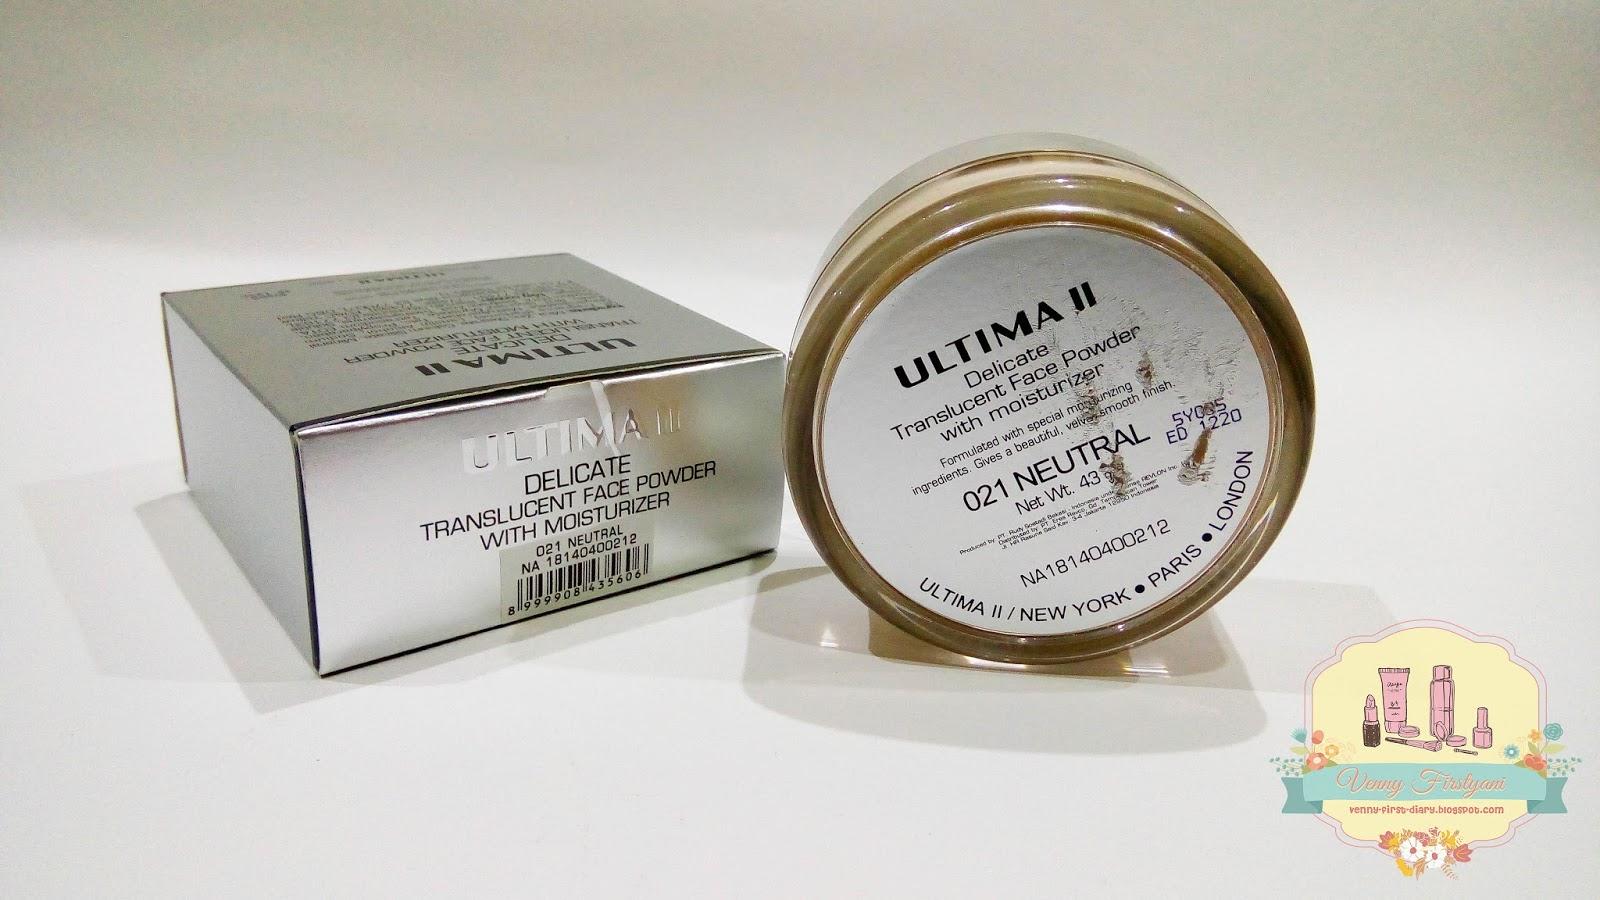 Ultima Ii Dynamic Duo Review Delicate Creme Powder And Translucent Bedak Tabur Ukuran Besar Warnanya Cenderung Agak Kuning Natural Hangat Dan Cocok Banget Untuk Kulit Wajah Shade Medium Karena Yang Netral Dikulit